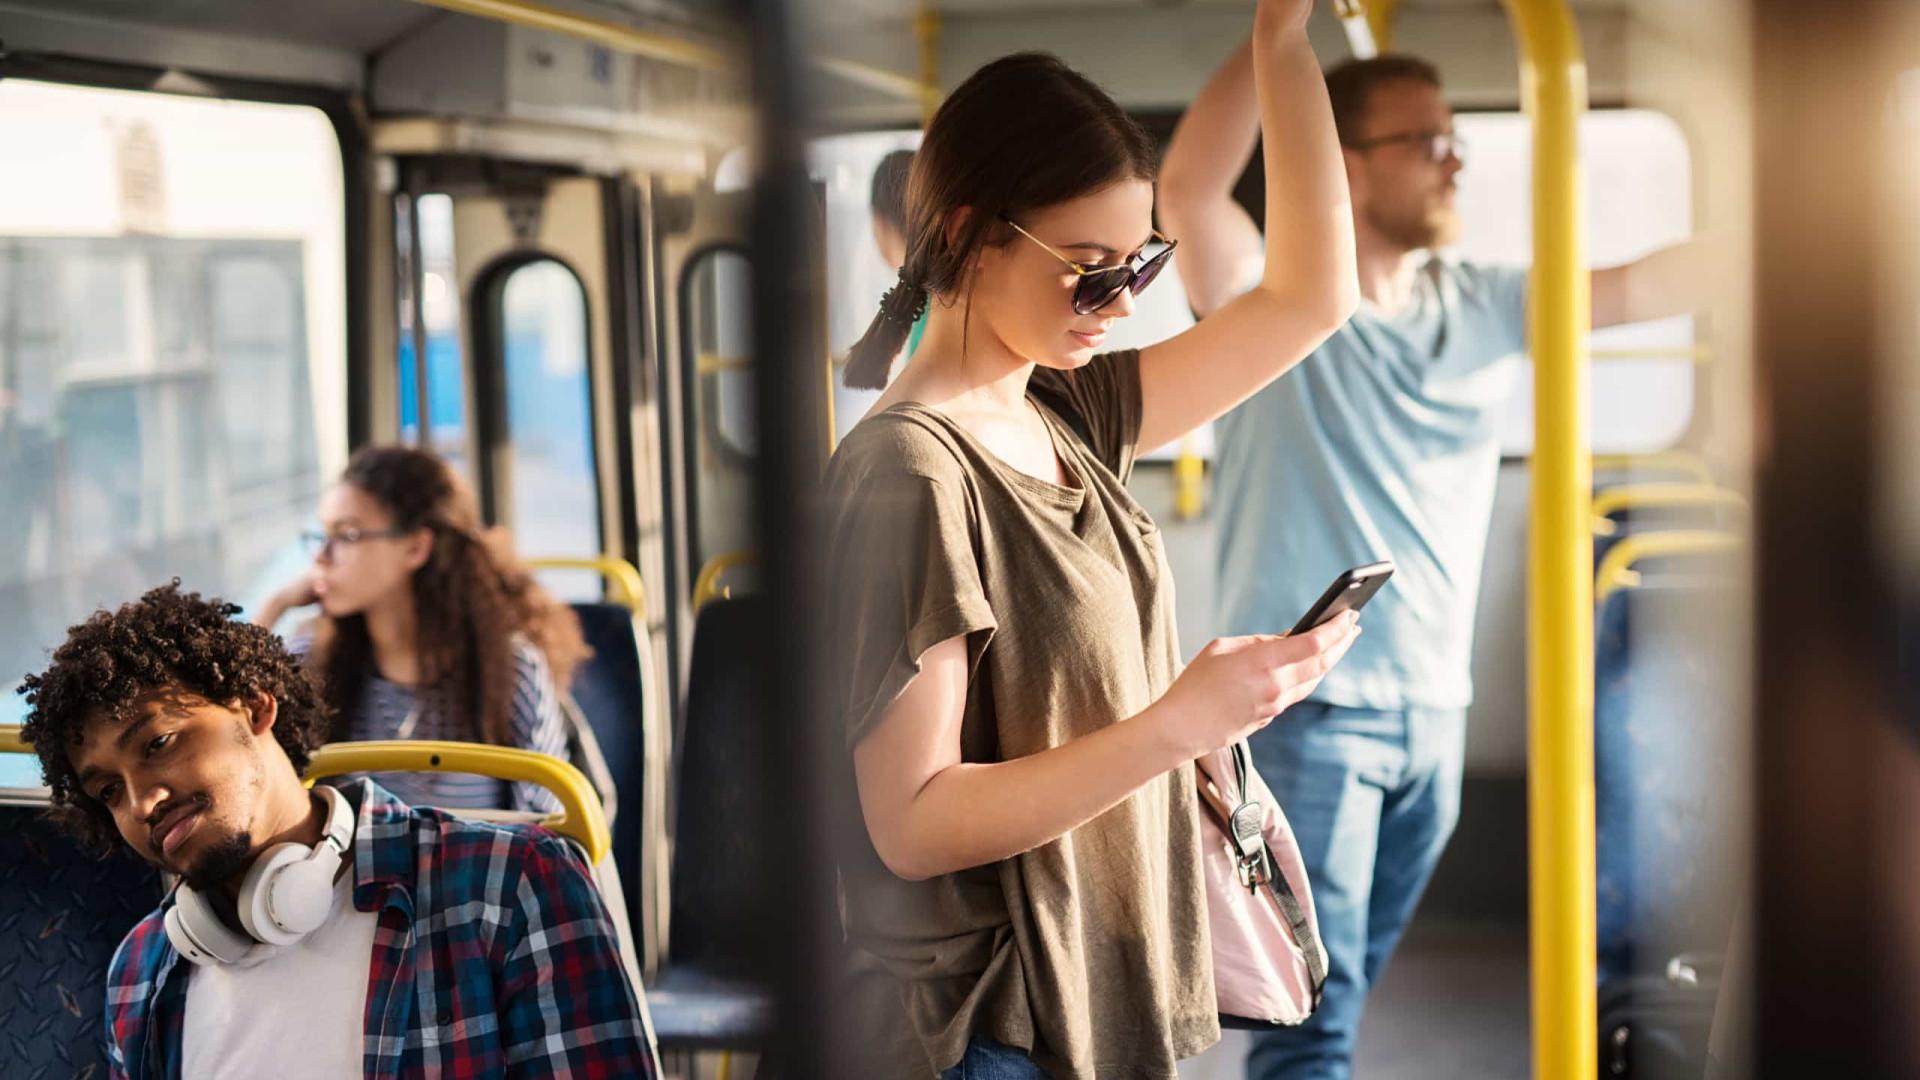 Cinco formas de passar o tempo nos transportes públicos